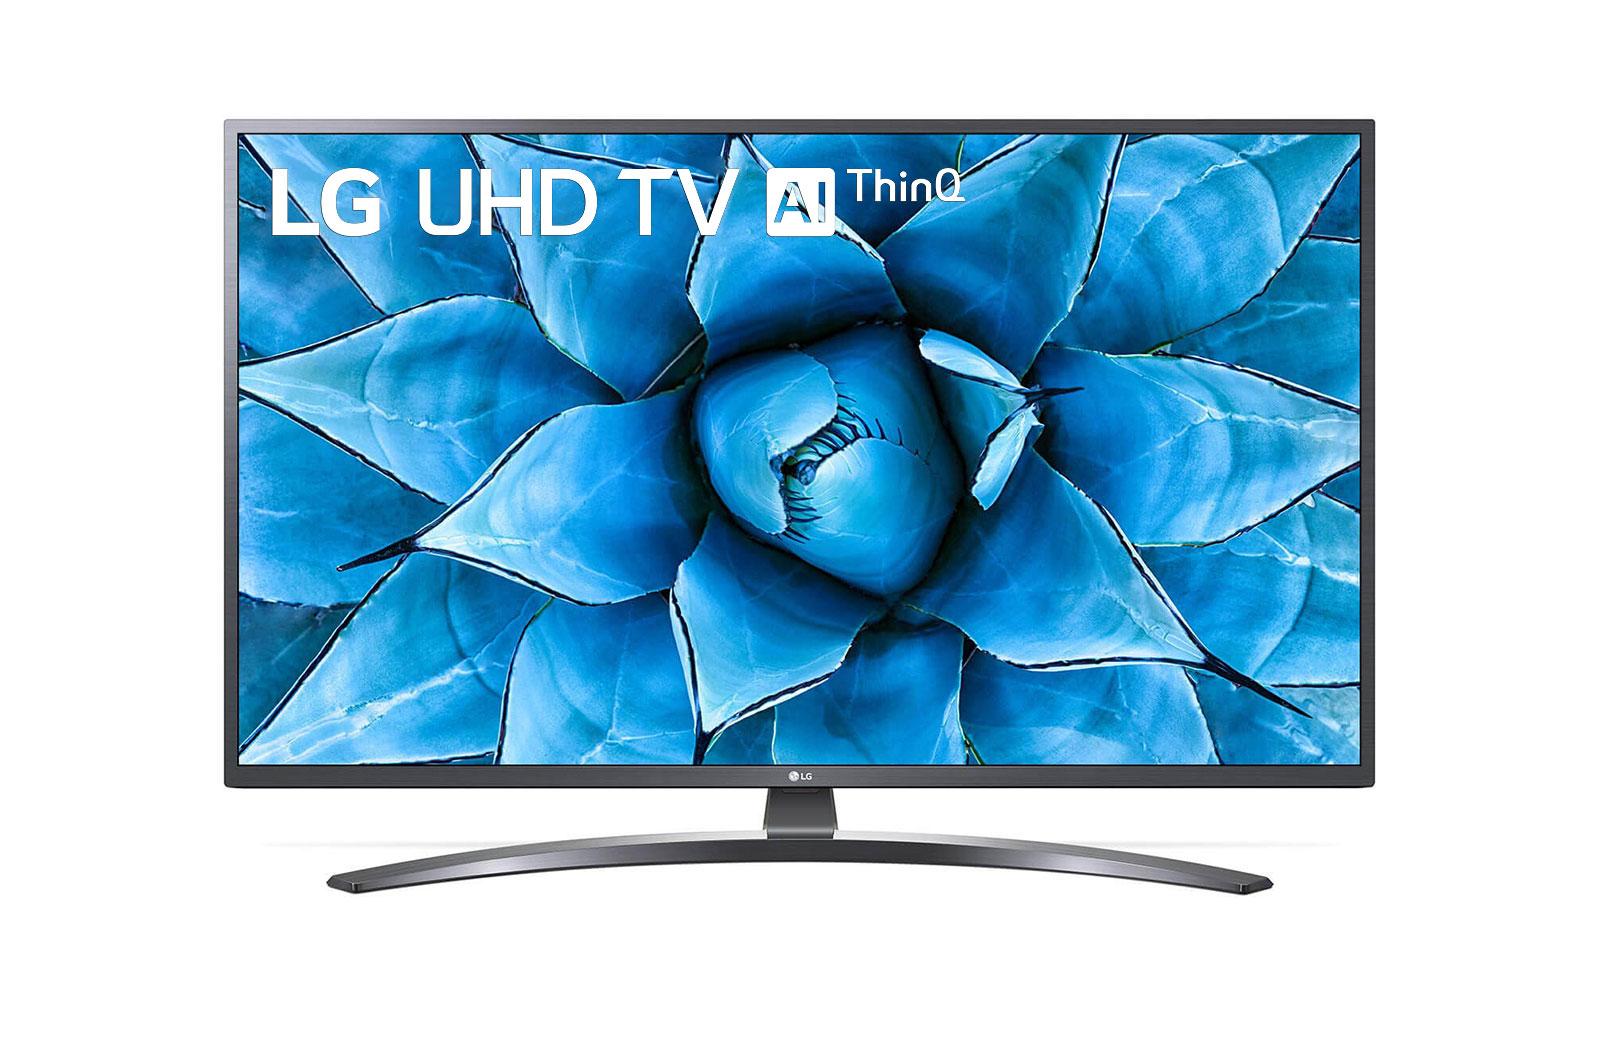 LED TV LG 55UN74003LB